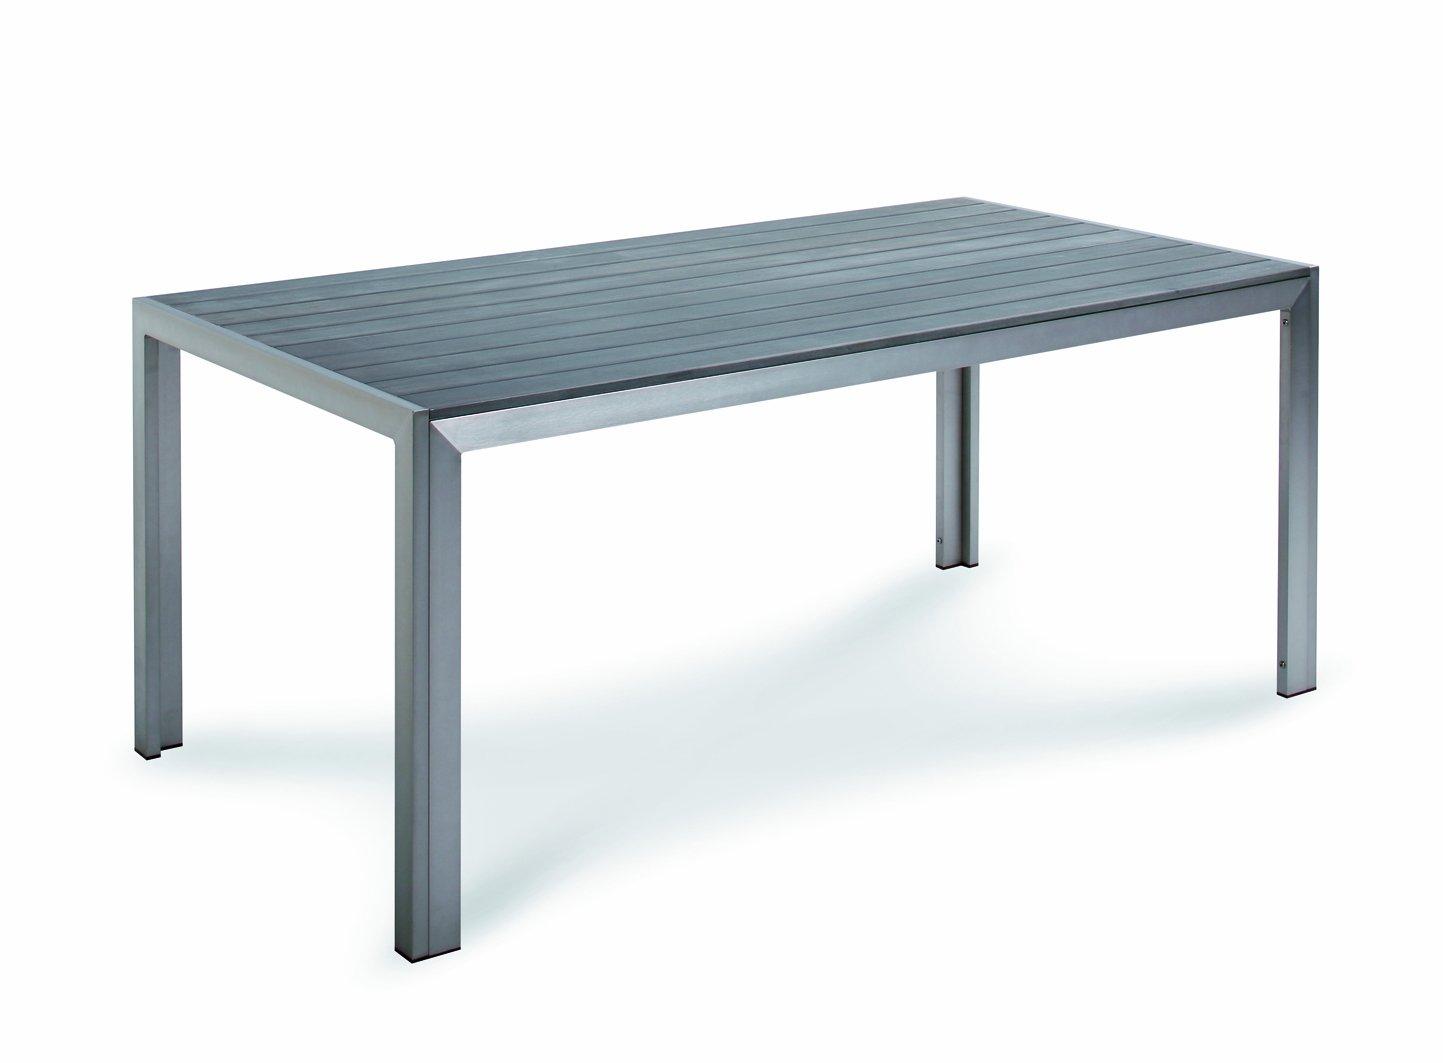 Best 46851885 Tisch Seattle 180 x 90 cm, silber / anthrazit bestellen